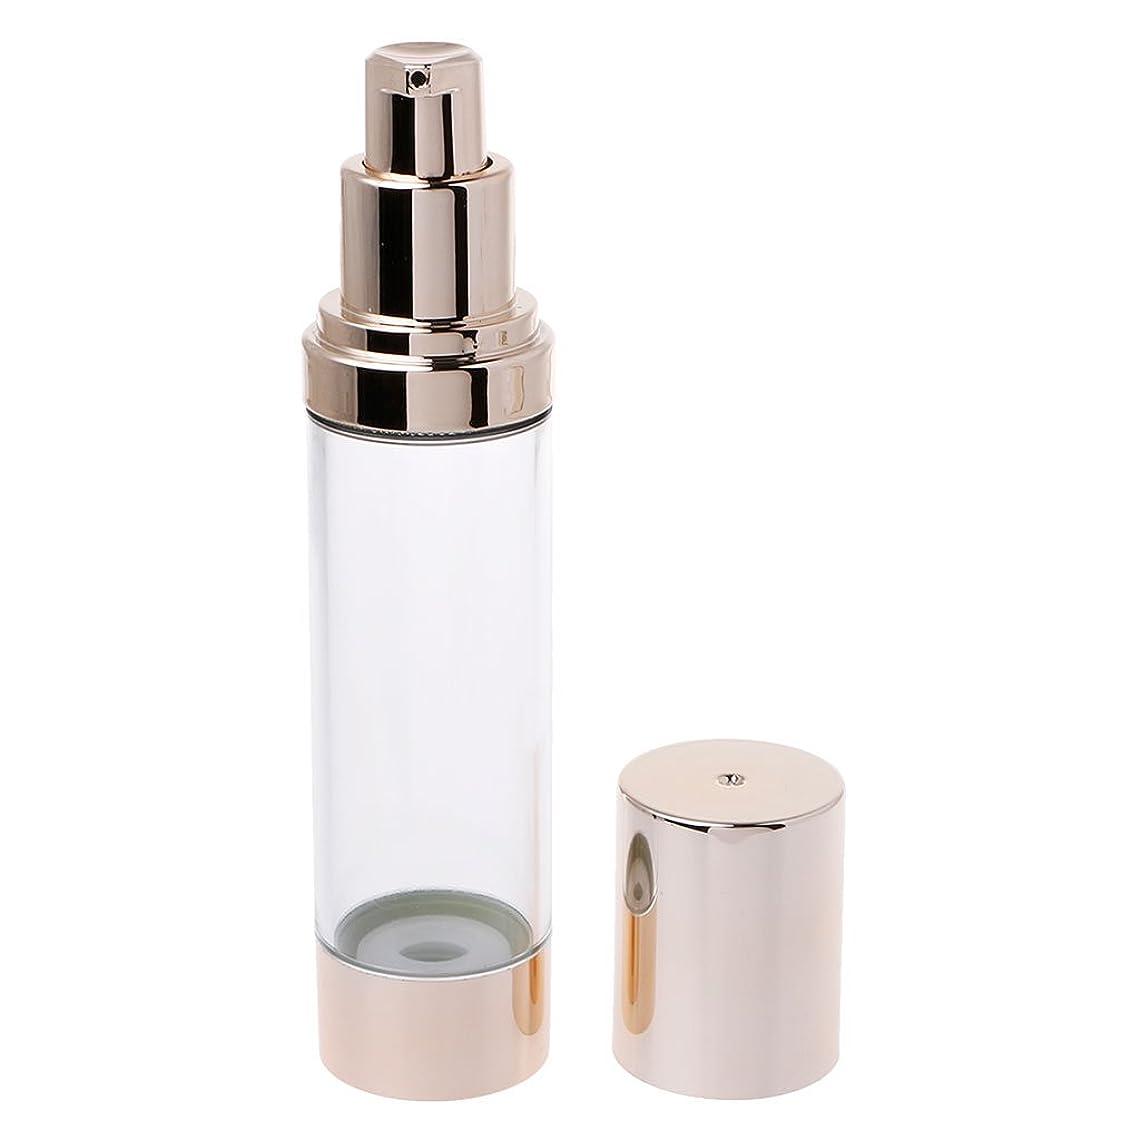 鹿一節批判的にDabixx 15/30 / 50ML空化粧品エアレスボトルプラスチック処理ポンプトラベルボトル - 50ML